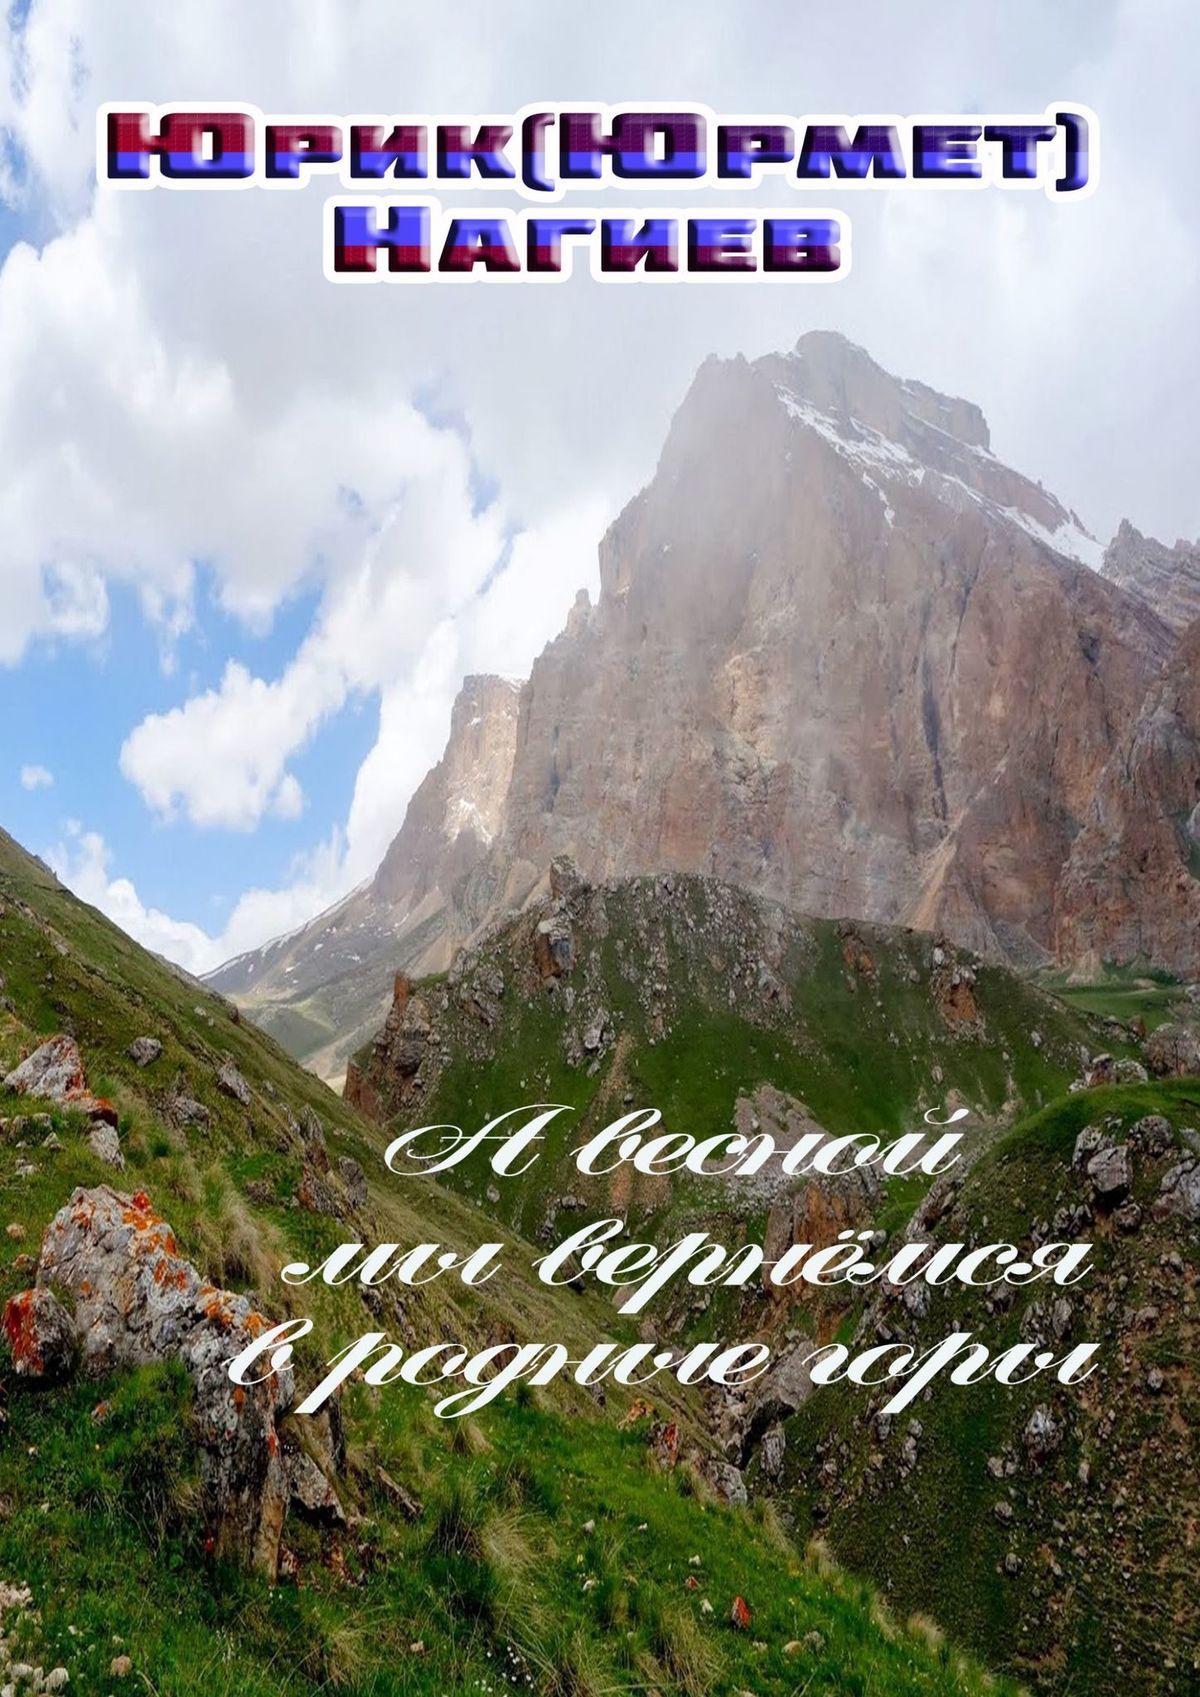 Юрик (Юрмет) Нагиев А весной мы вернёмся в родные горы уроки геометрии кирилла и мефодия 11 класс